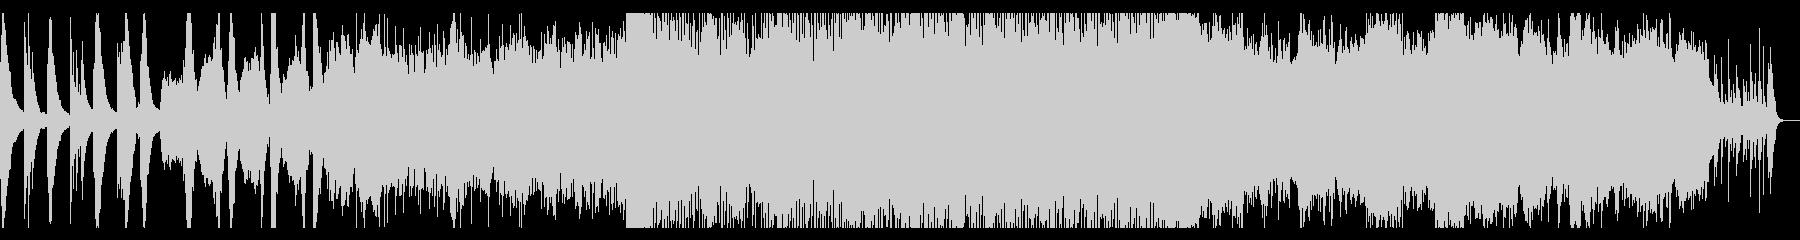 トトロっぽい浮遊感のある不思議なBGMの未再生の波形